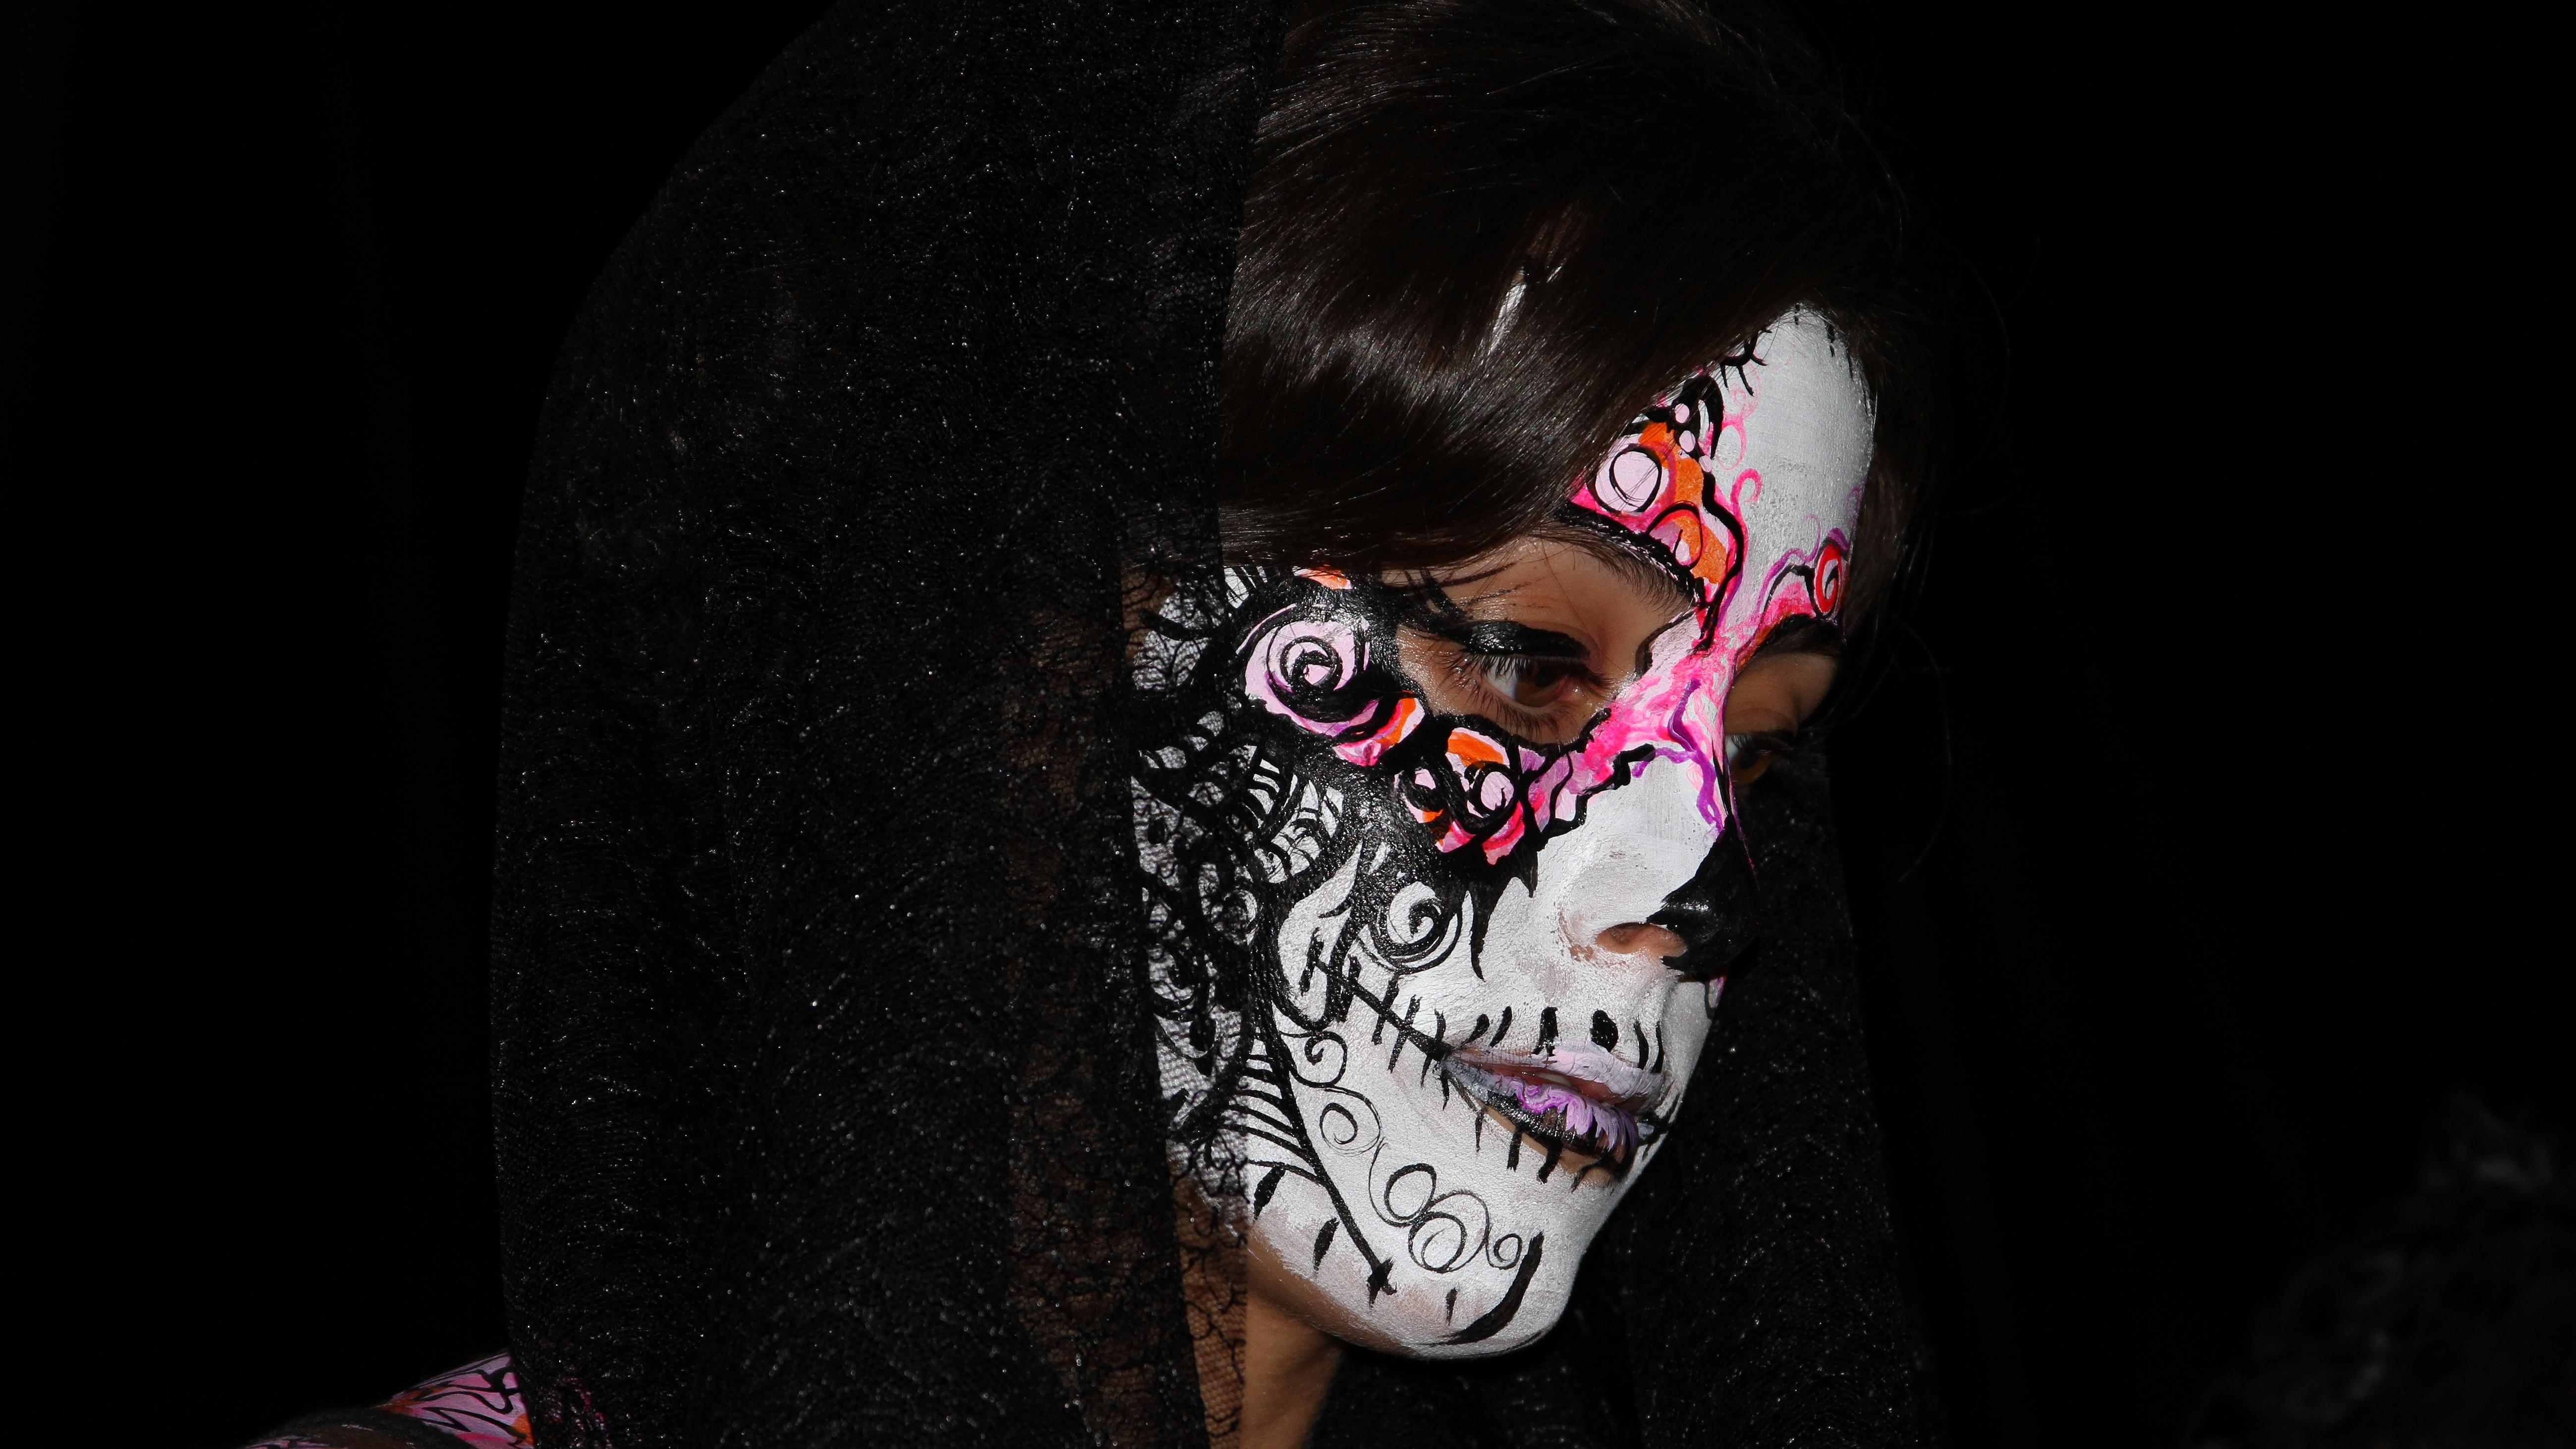 Sugar skull 5k retina ultra hd wallpaper background image 5200x2925 id 530850 wallpaper - Sugar skull background ...